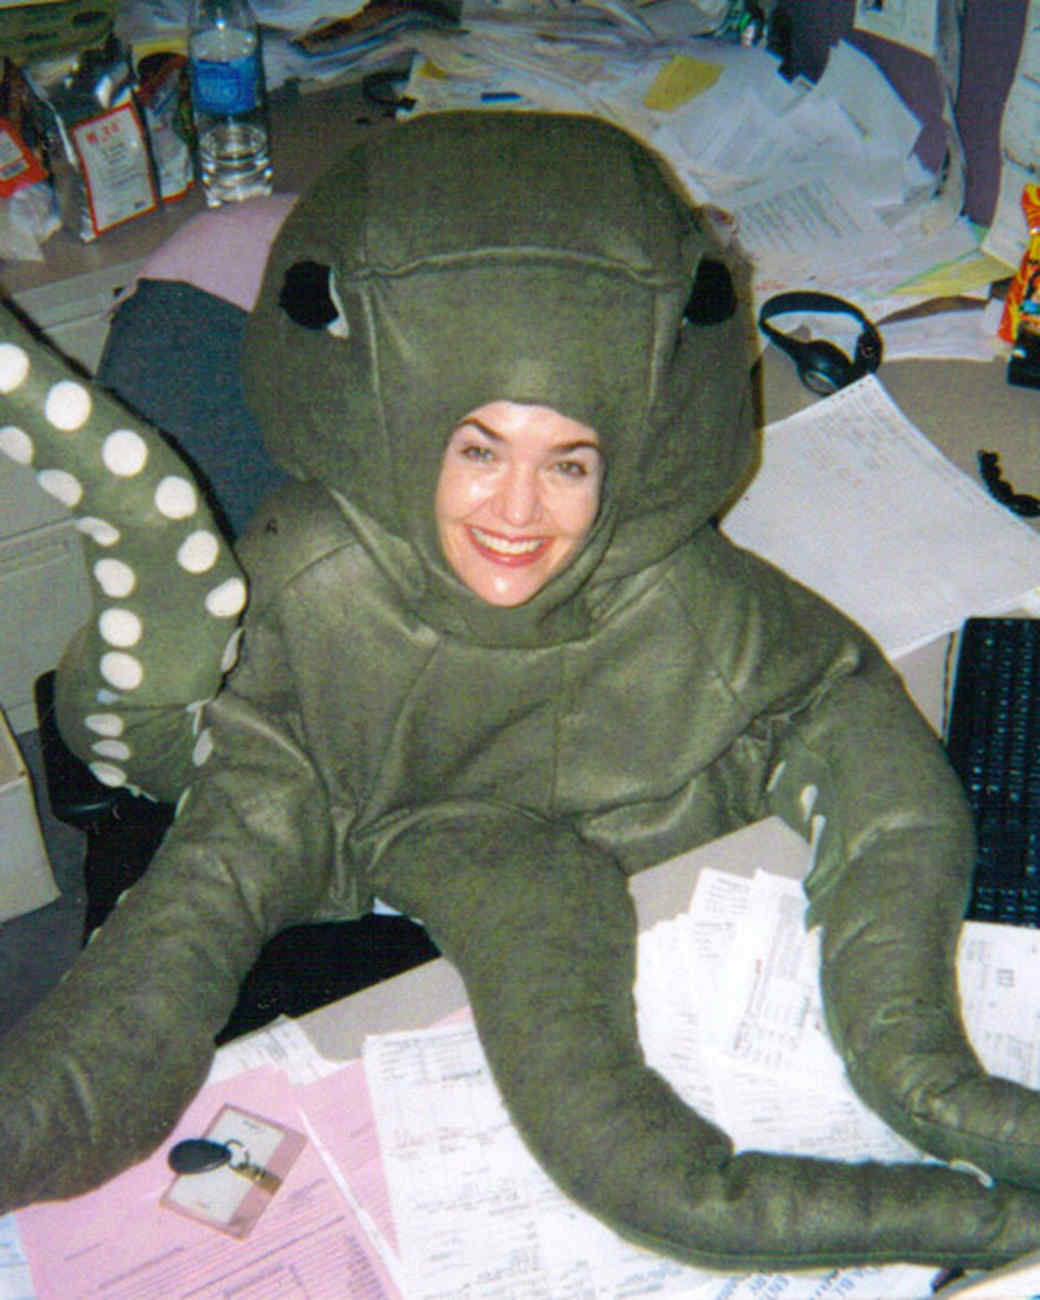 best_of_halloween09_octopus.jpg